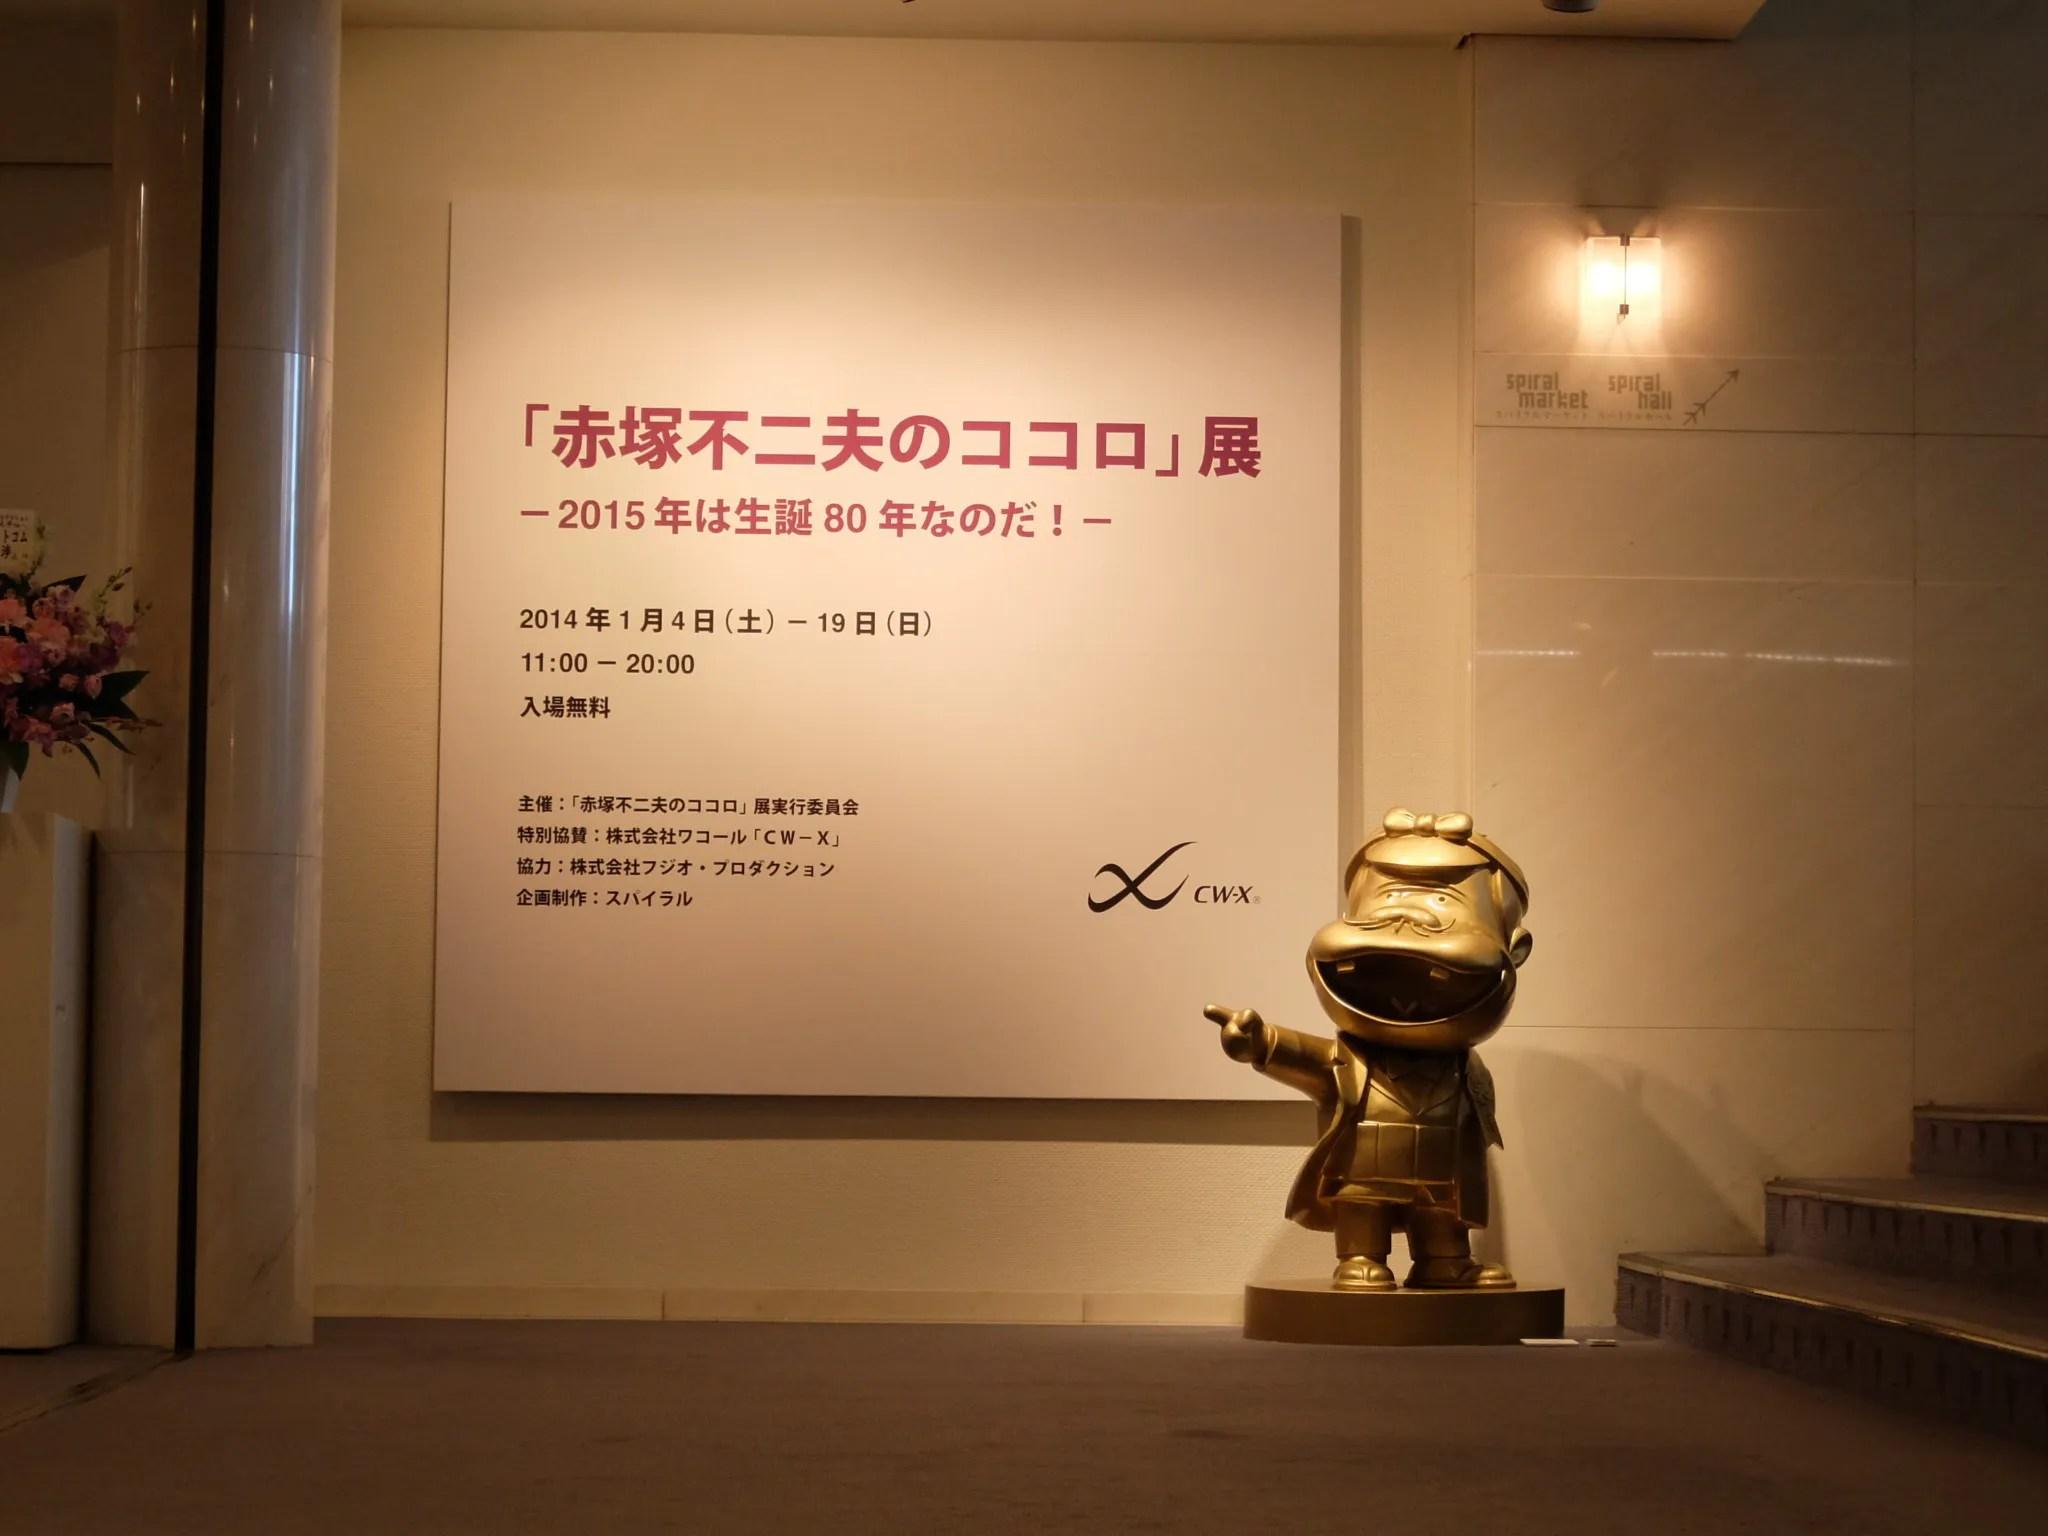 赤塚不二夫のココロ展